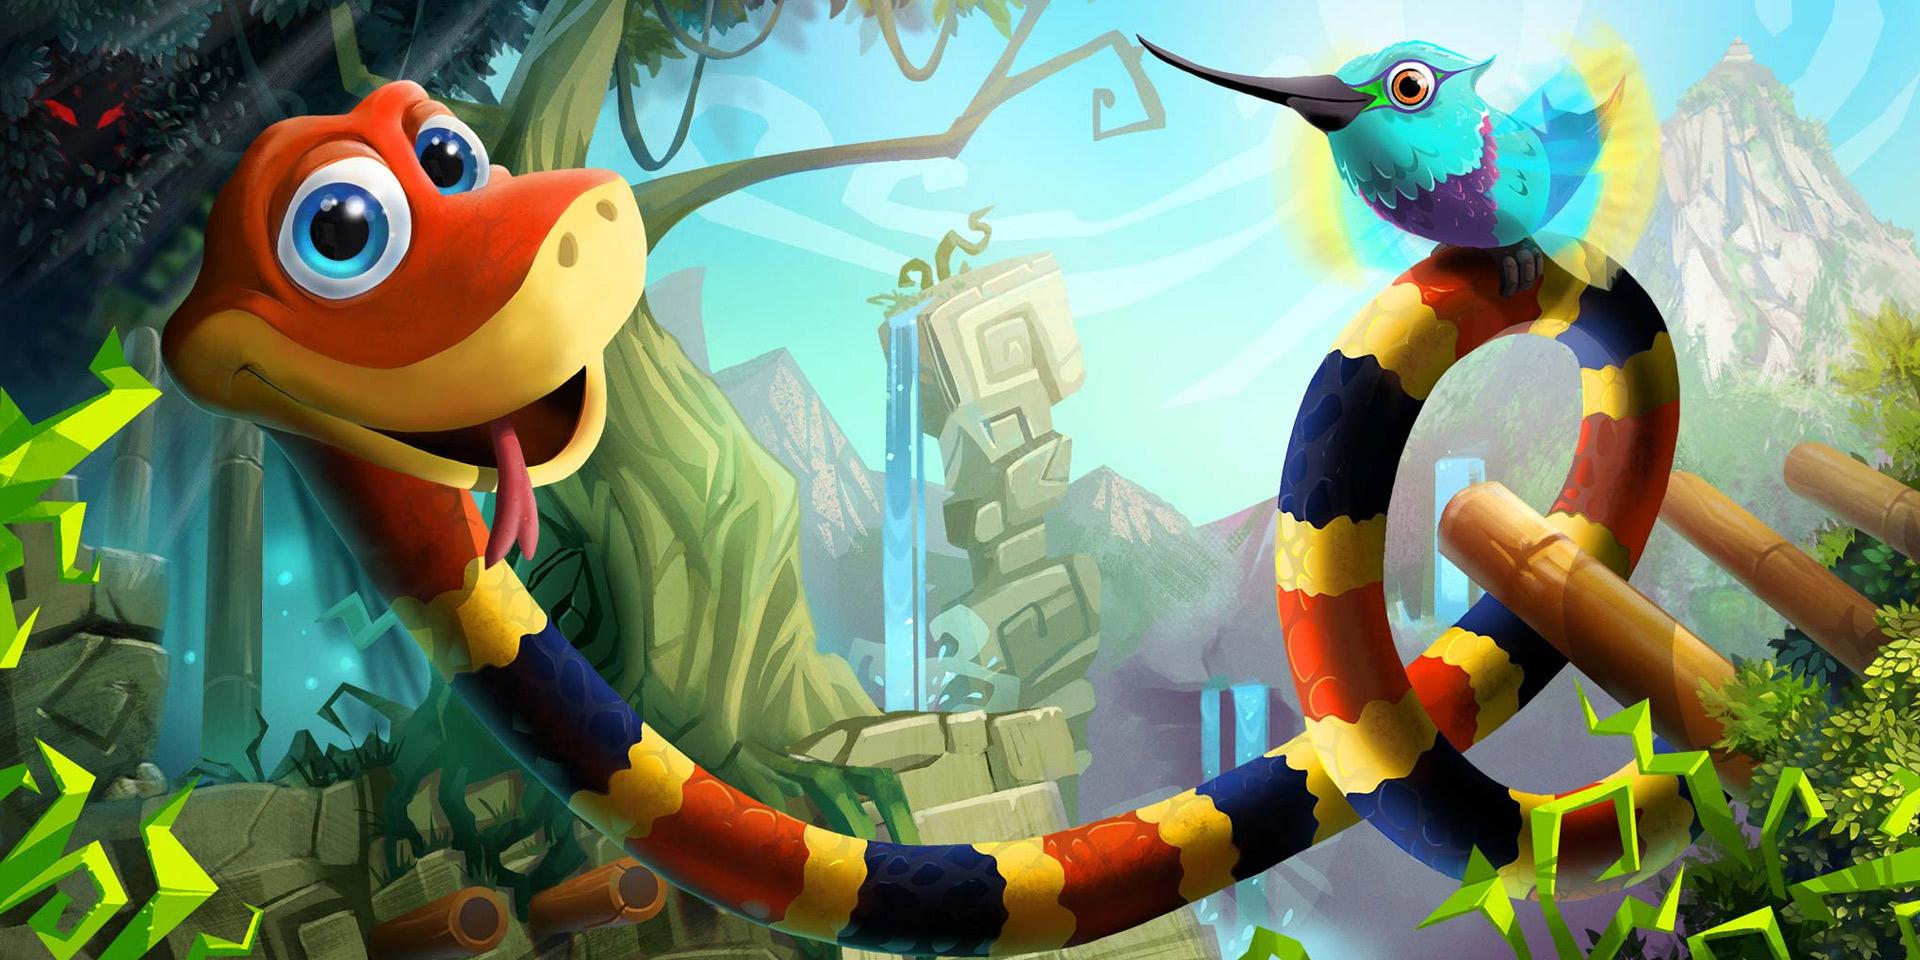 ヘビをあやつる 3D プラットフォーマー Snake Pass